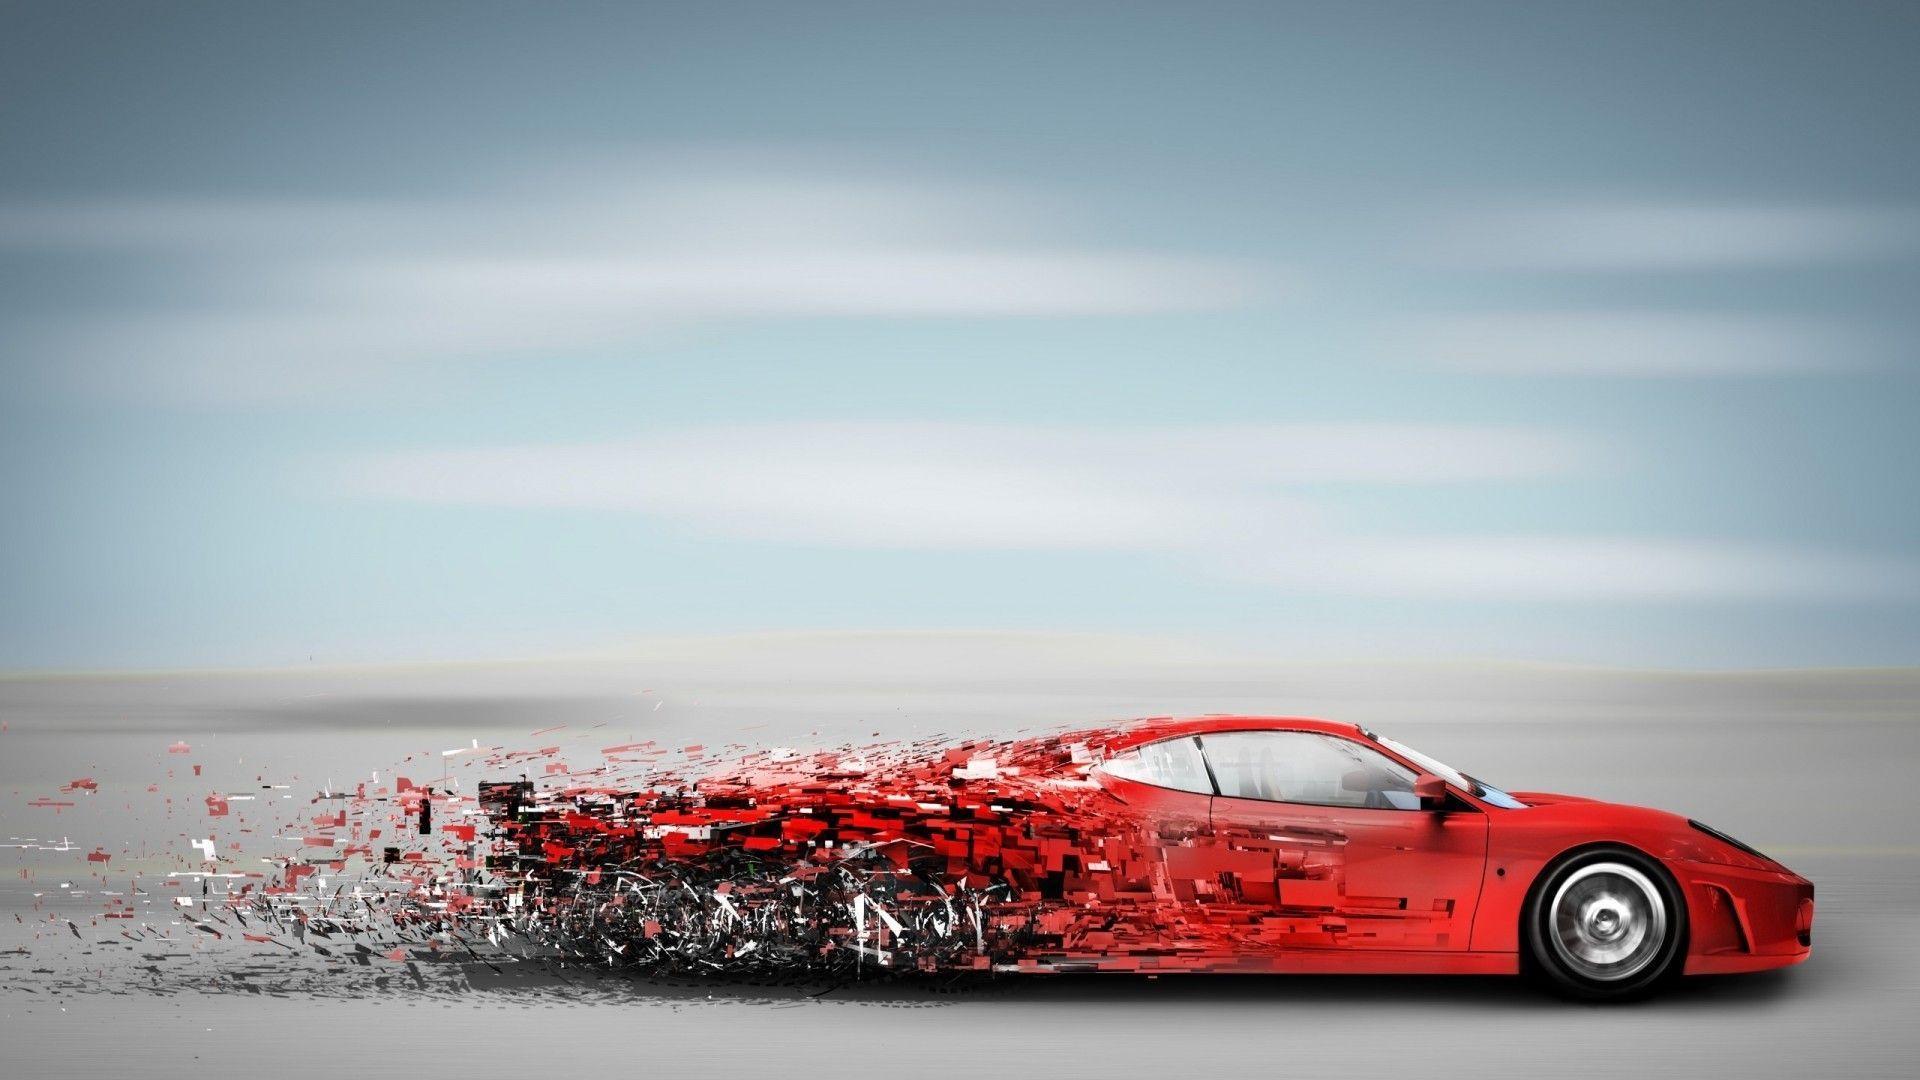 1920x1080 Xe tốc độ màu đỏ trừu tượng - Hình nền xe thể thao.  Hình nền trừu tượng